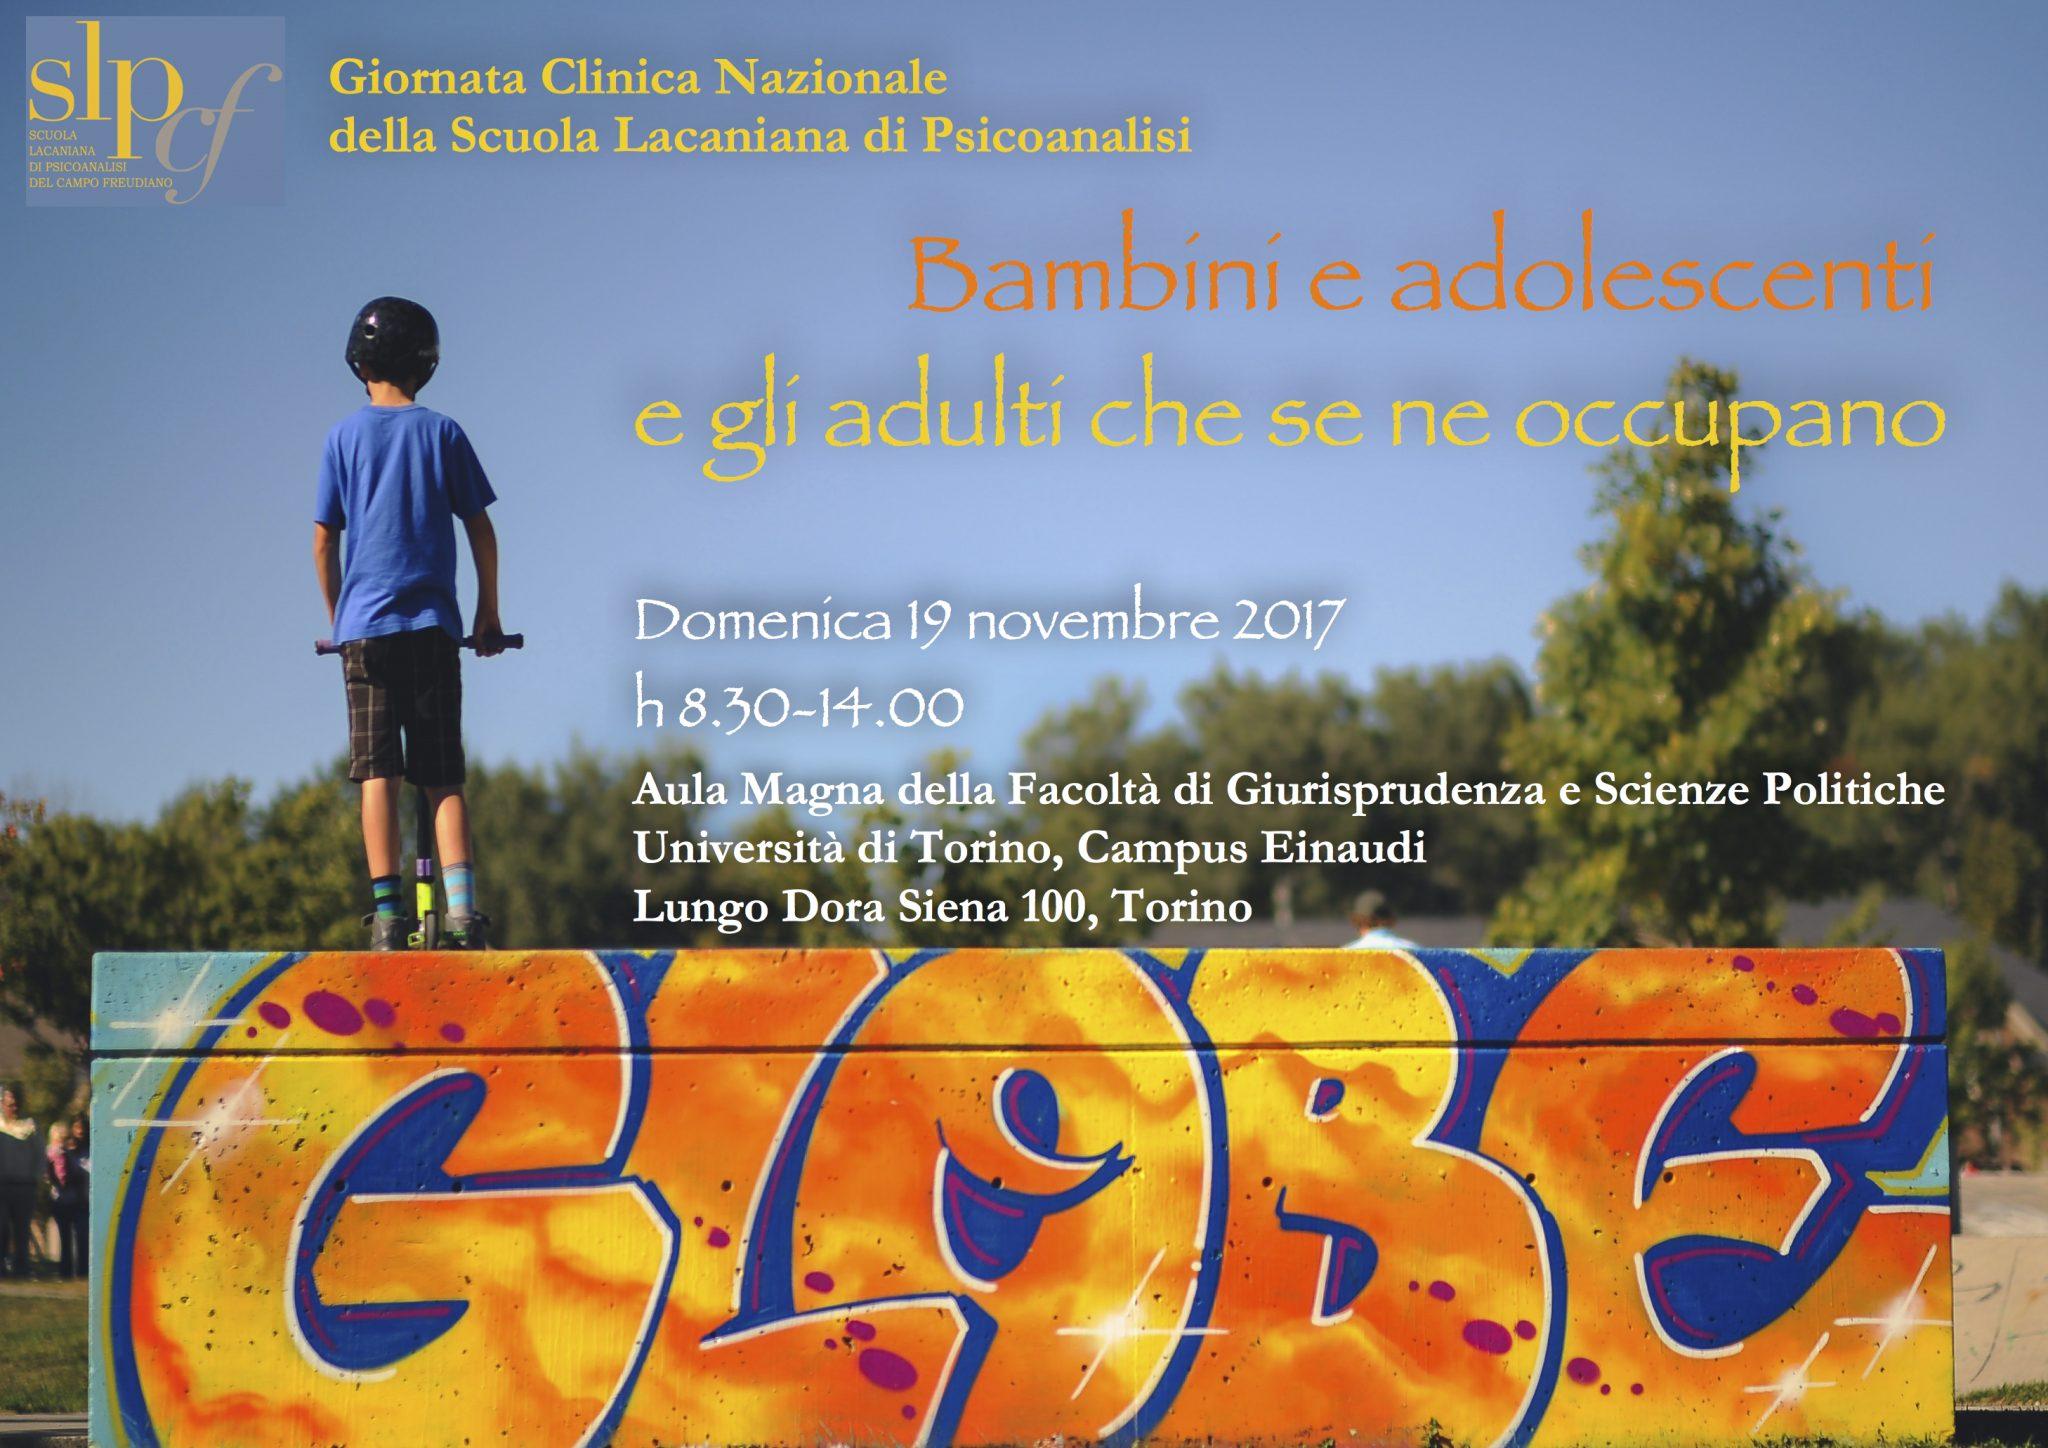 Giornata Clinica Nazionale: Bambini e adolescenti e gli adulti che se ne occupano